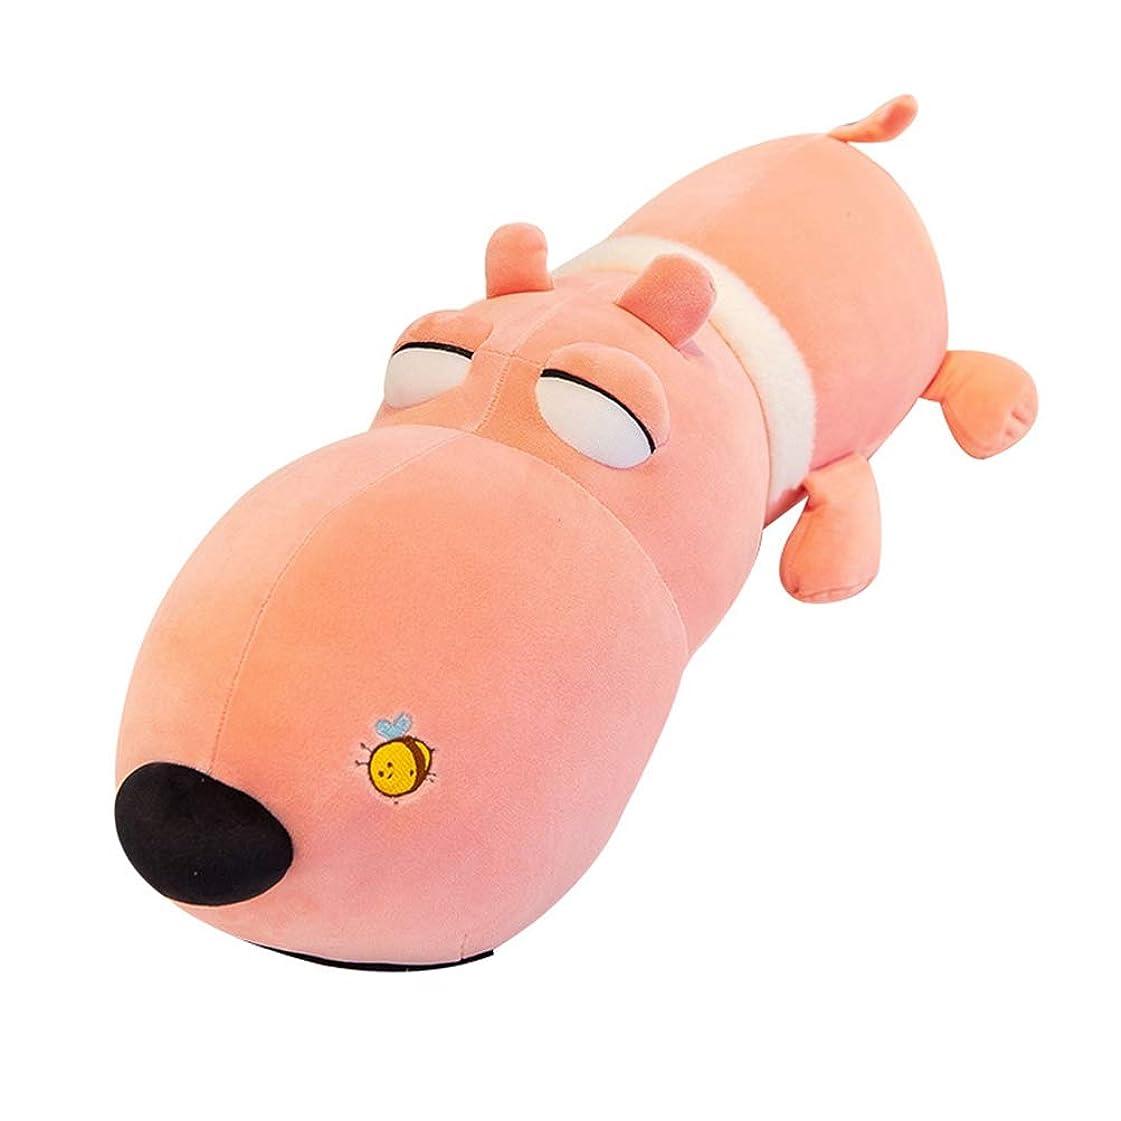 セレナキャンディーオンスドッグ イヌ縫い包み 可愛い ねむねむ抱き枕 頭でかい 添い寝 蜂の刺繍 ふわふわ ロング クッション インテリア お誕生日 デスクピロー プレゼント 子供 大人 お祝い 記念日 贈り物 ピンク 90cm